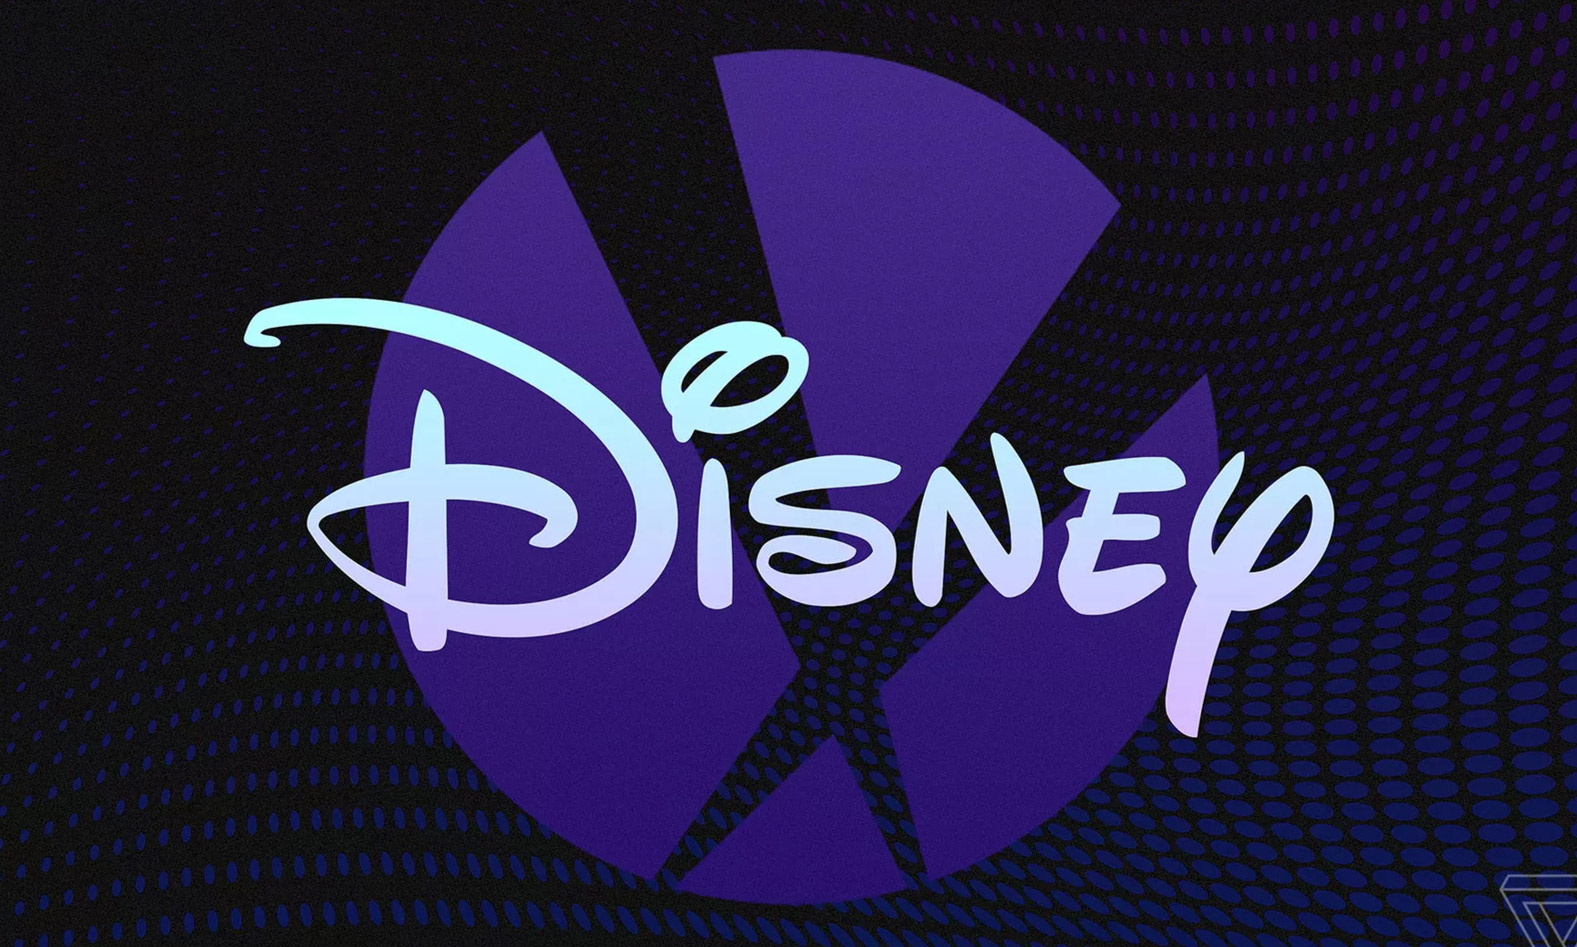 迪士尼收购 21 世纪福克斯还有变动?康卡斯特或加价到 900 亿美元